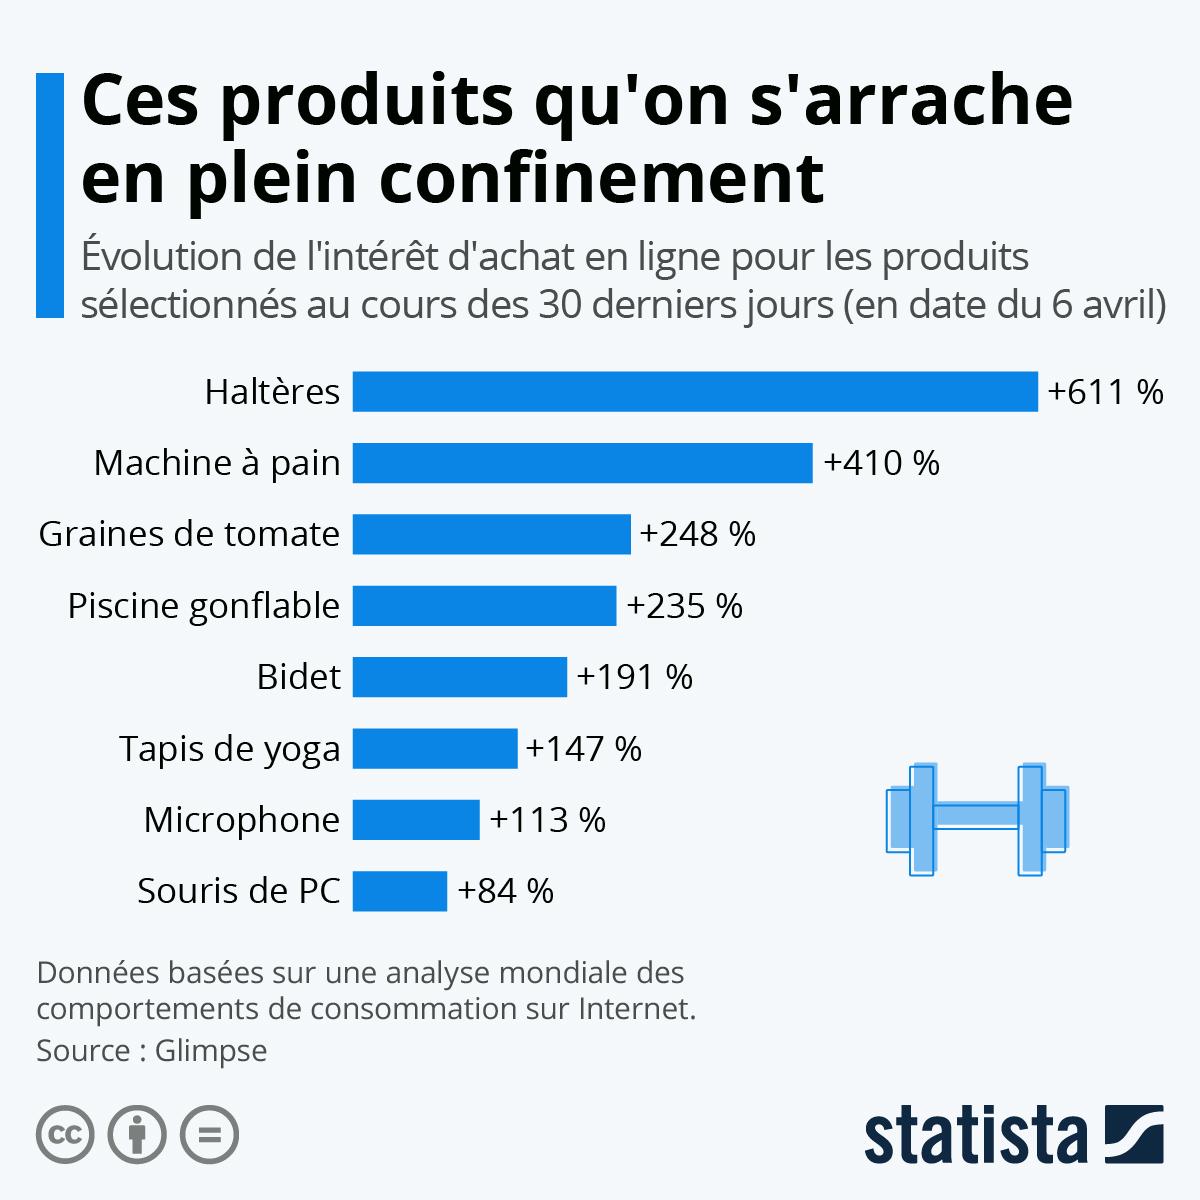 Infographie: Ces produits qu'on s'arrache en plein confinement | Statista